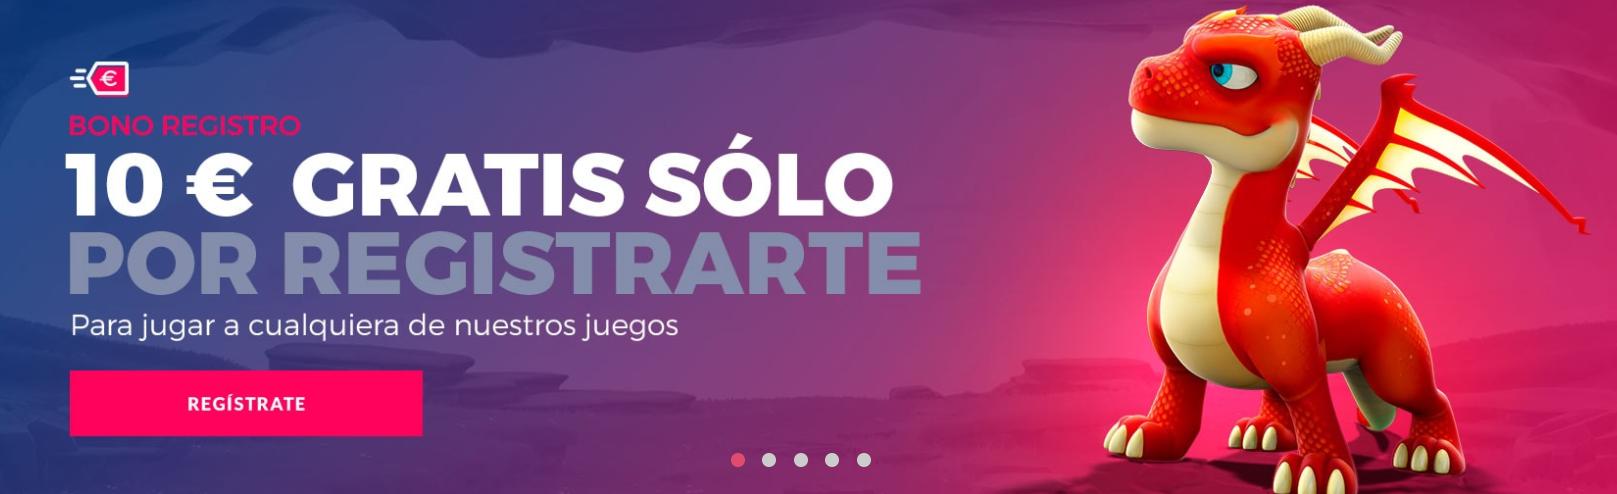 Bono de bienvenida sin deposito los mejores casino on line de Madrid - 39730